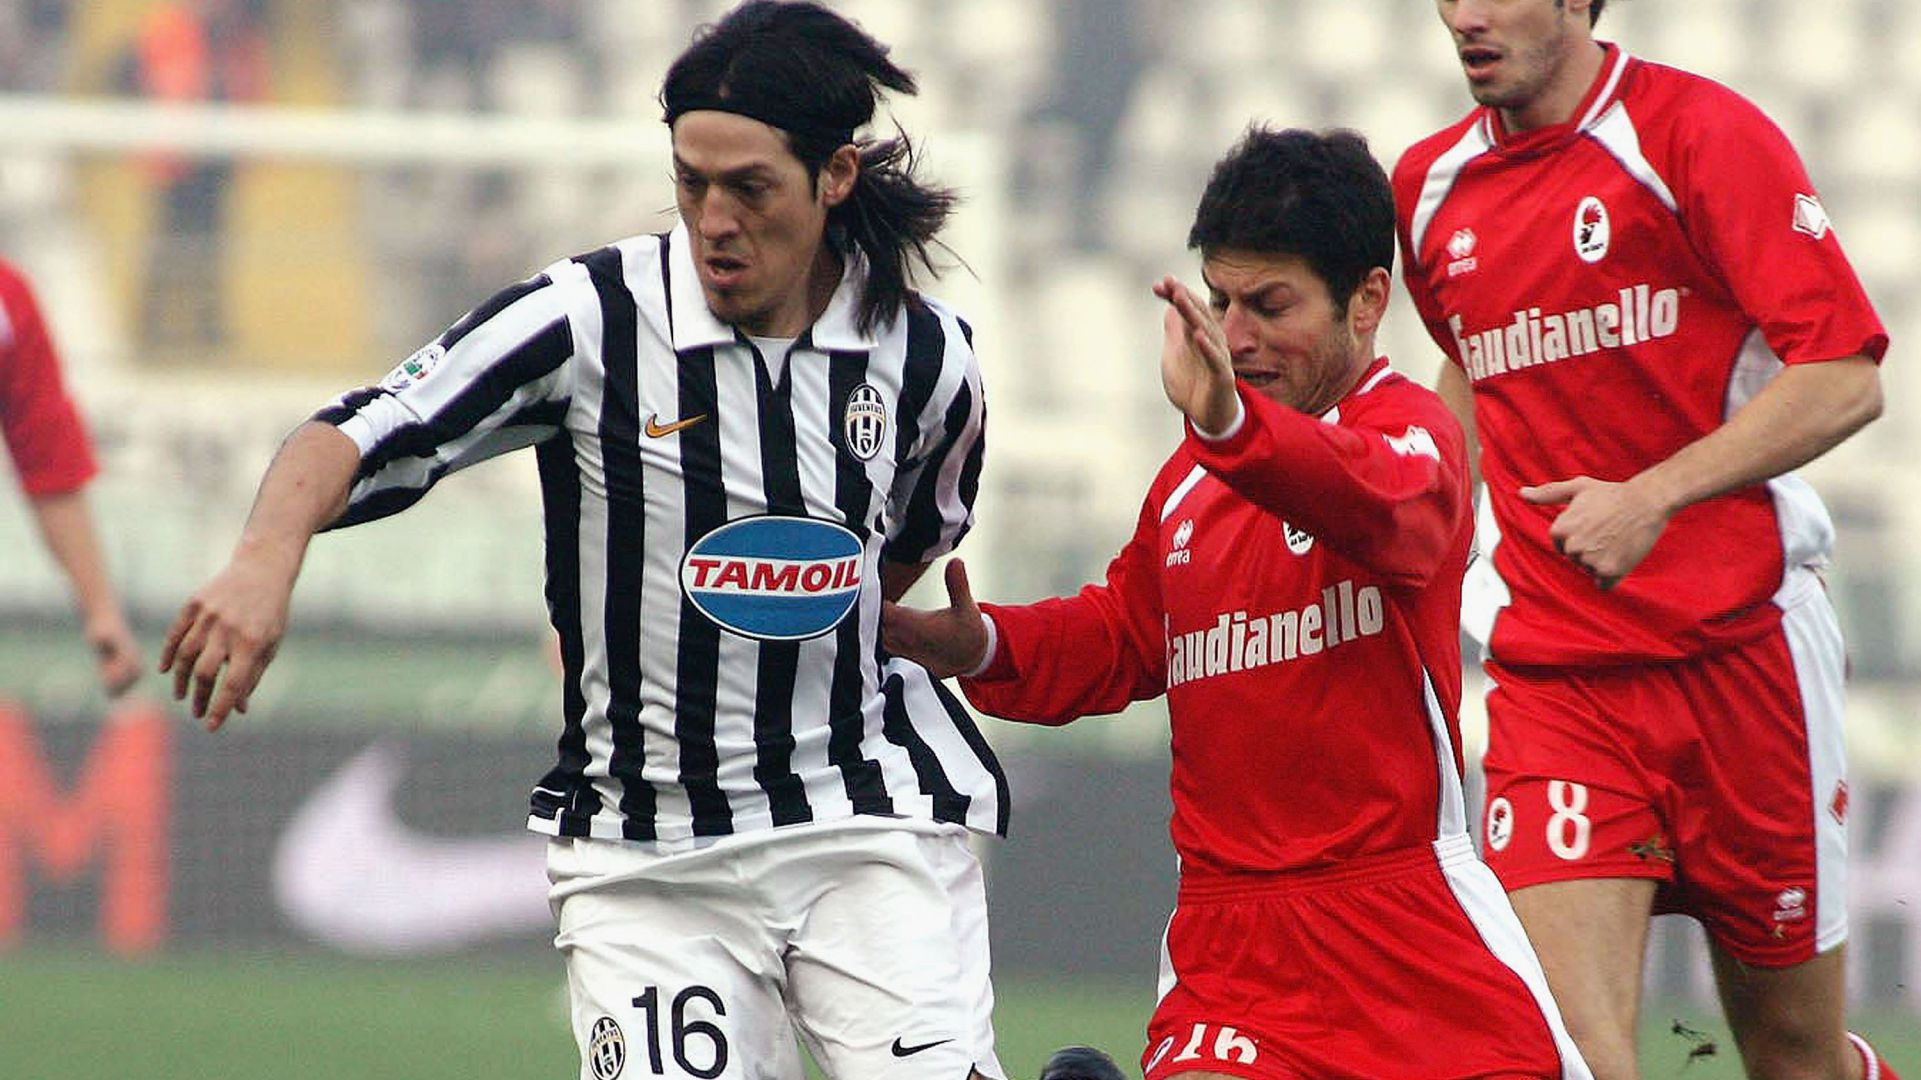 Camoranesi Juventus 2006-07